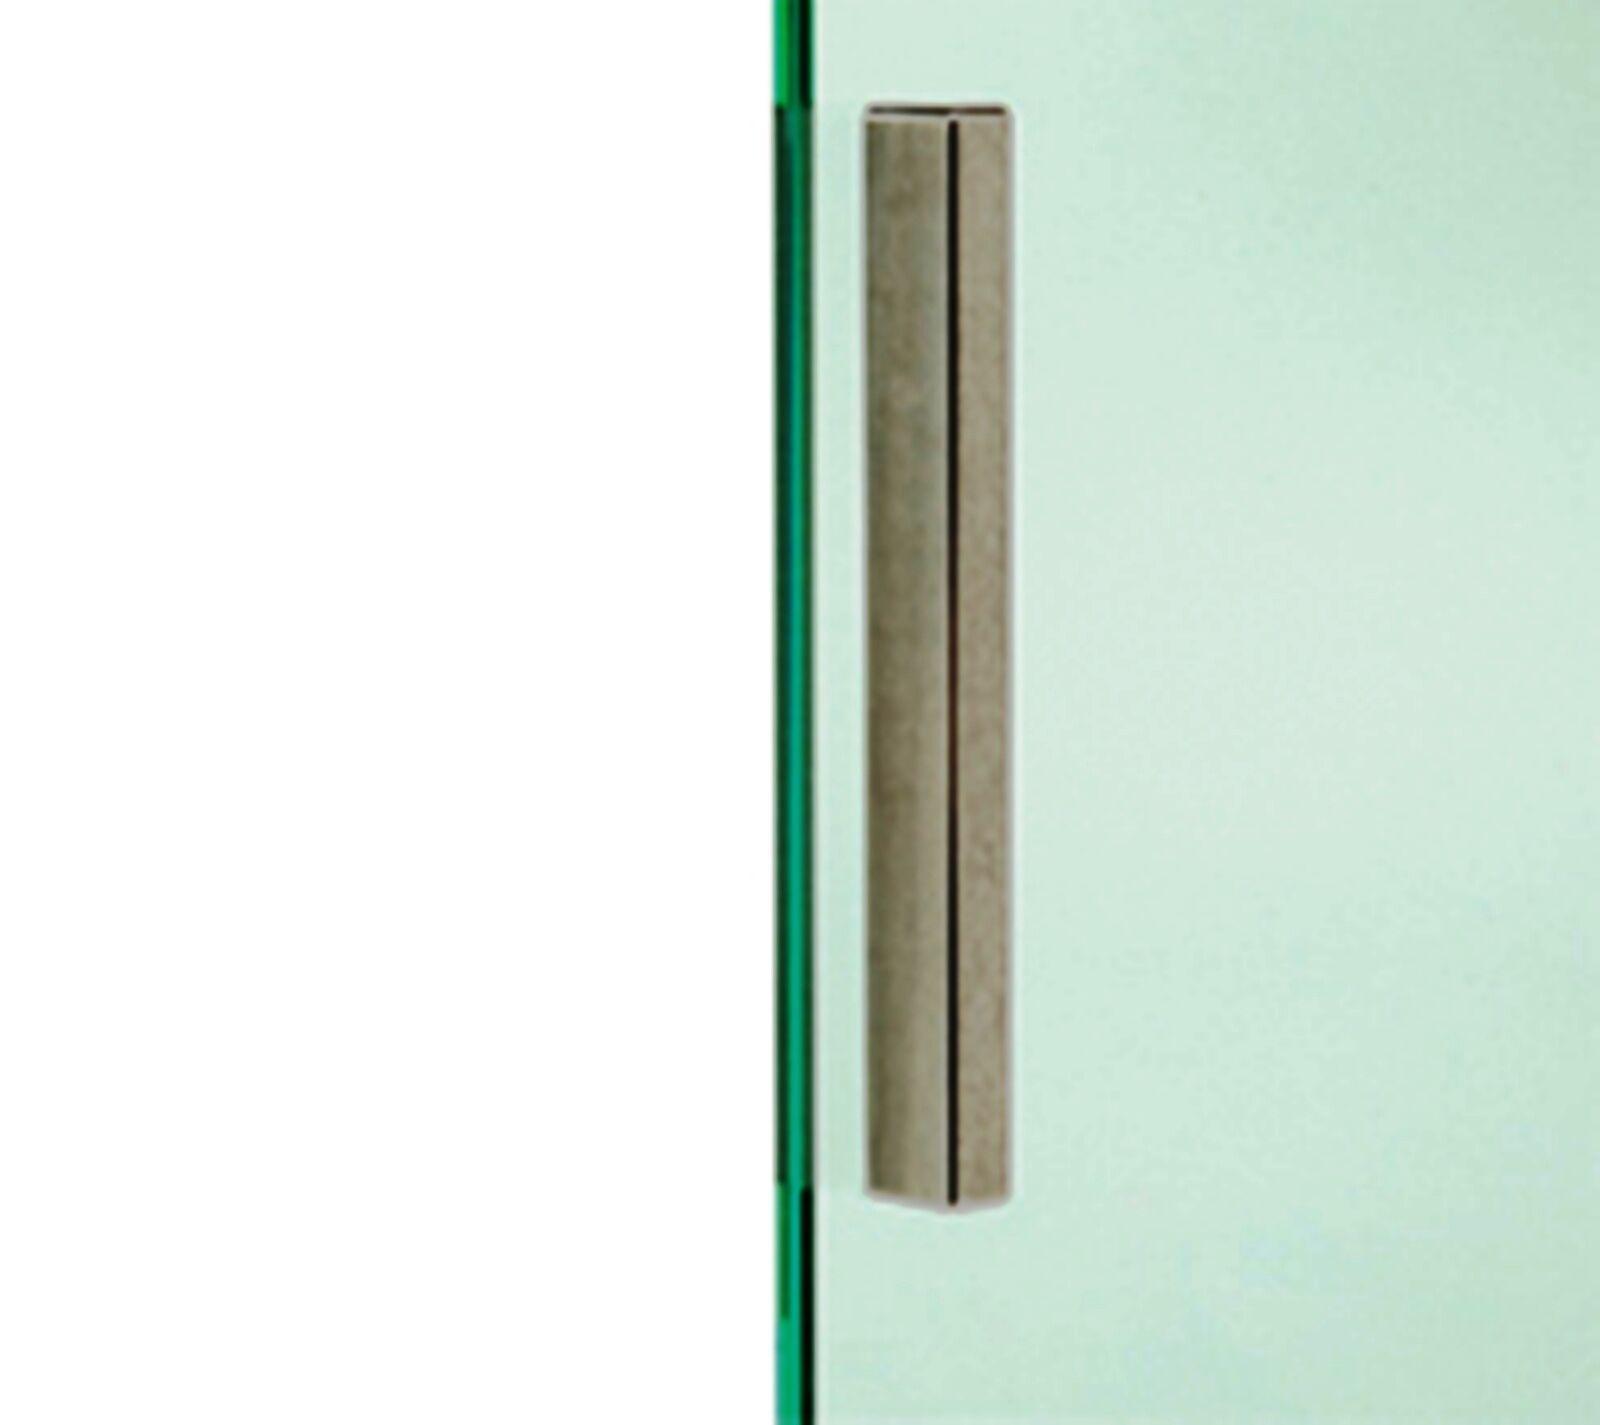 Stil - Türgriff  Länge 30 cm Glastürgriffe     selbstklebend  Griffe | Spielzeug mit kindlichen Herzen herstellen  | Deutschland Shop  | Verrückte Preis  | Glücklicher Startpunkt